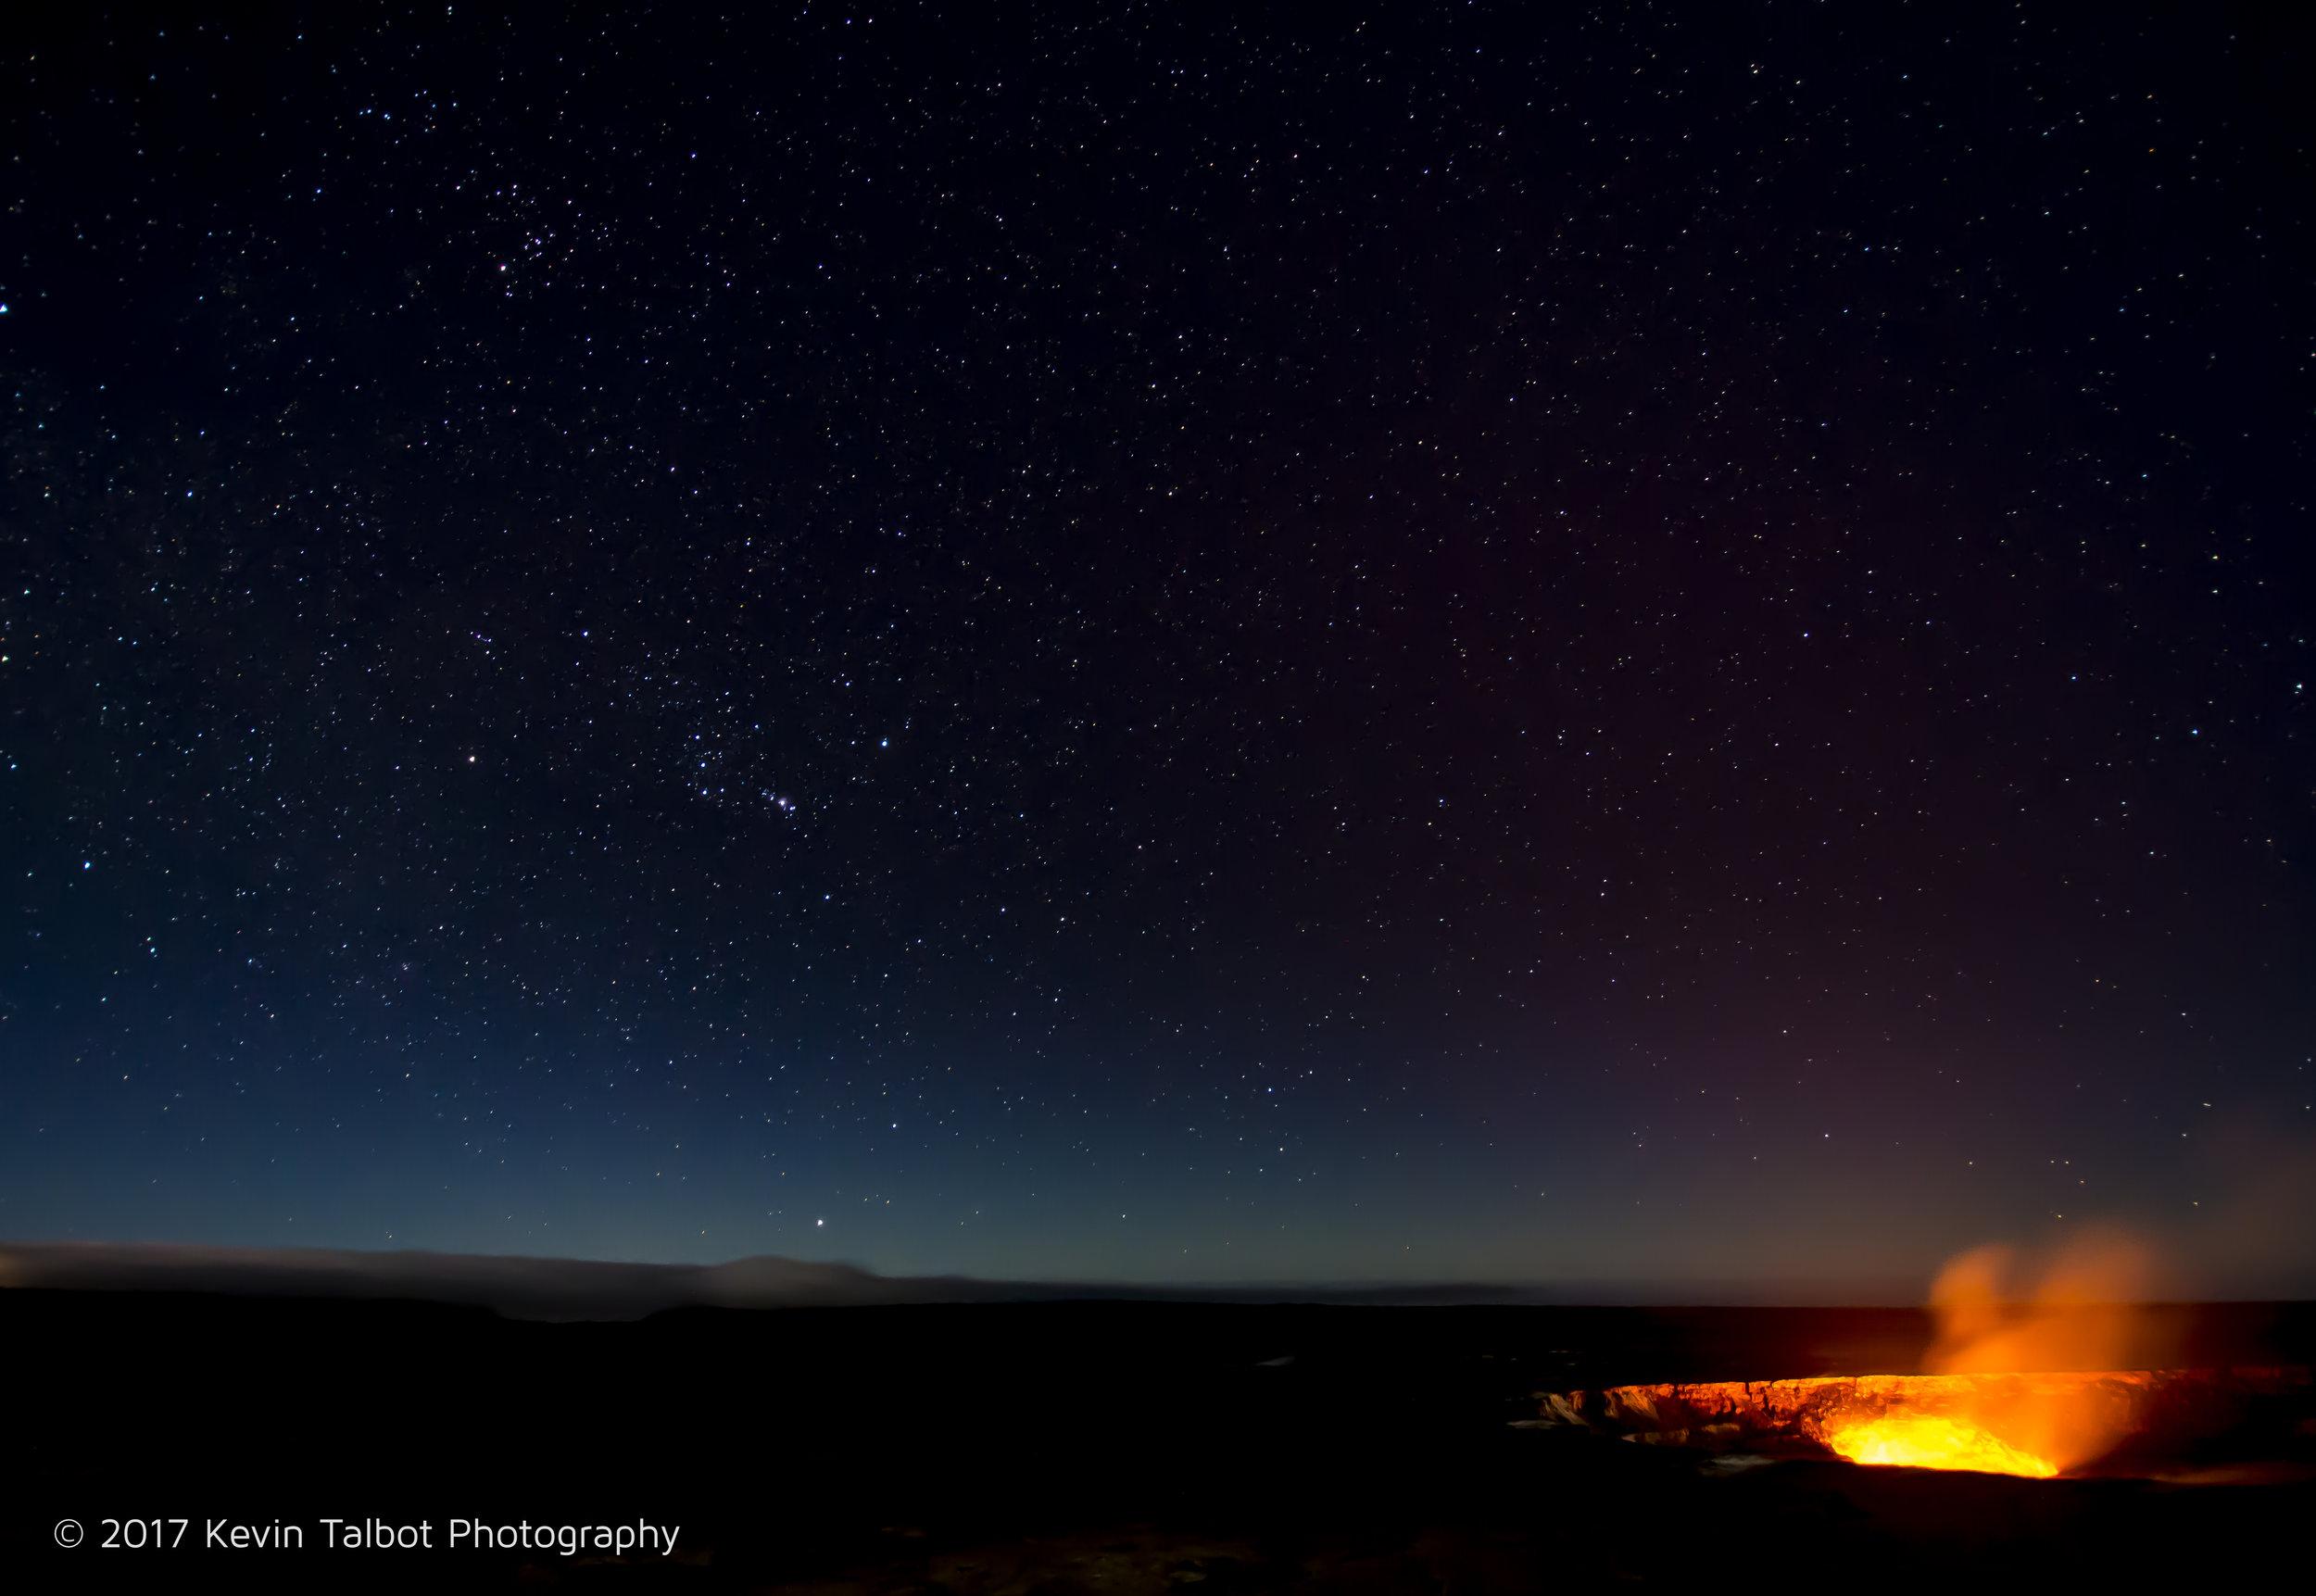 Kilauea caldera at night